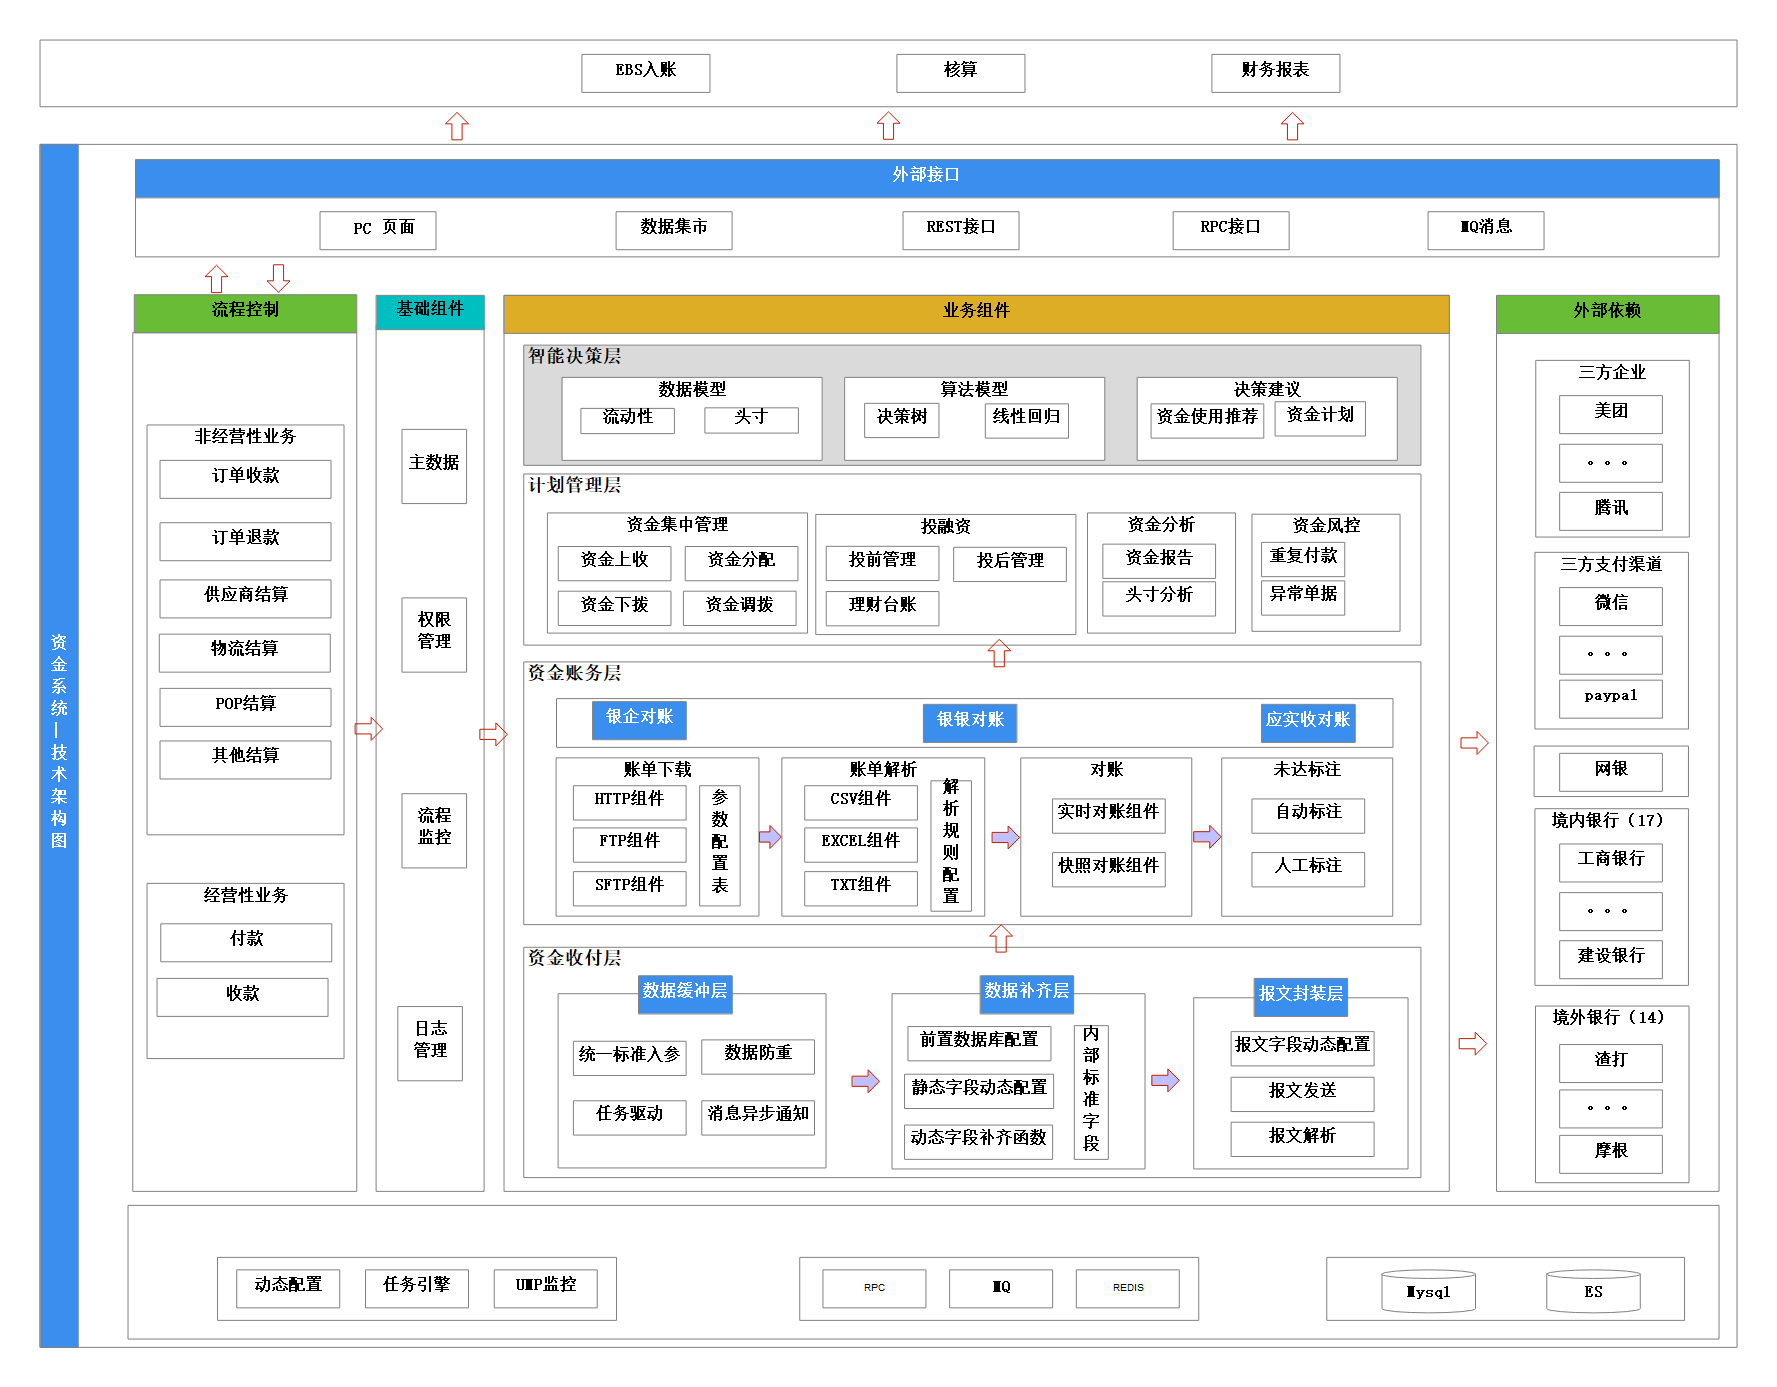 2020-资金系统技术架构图